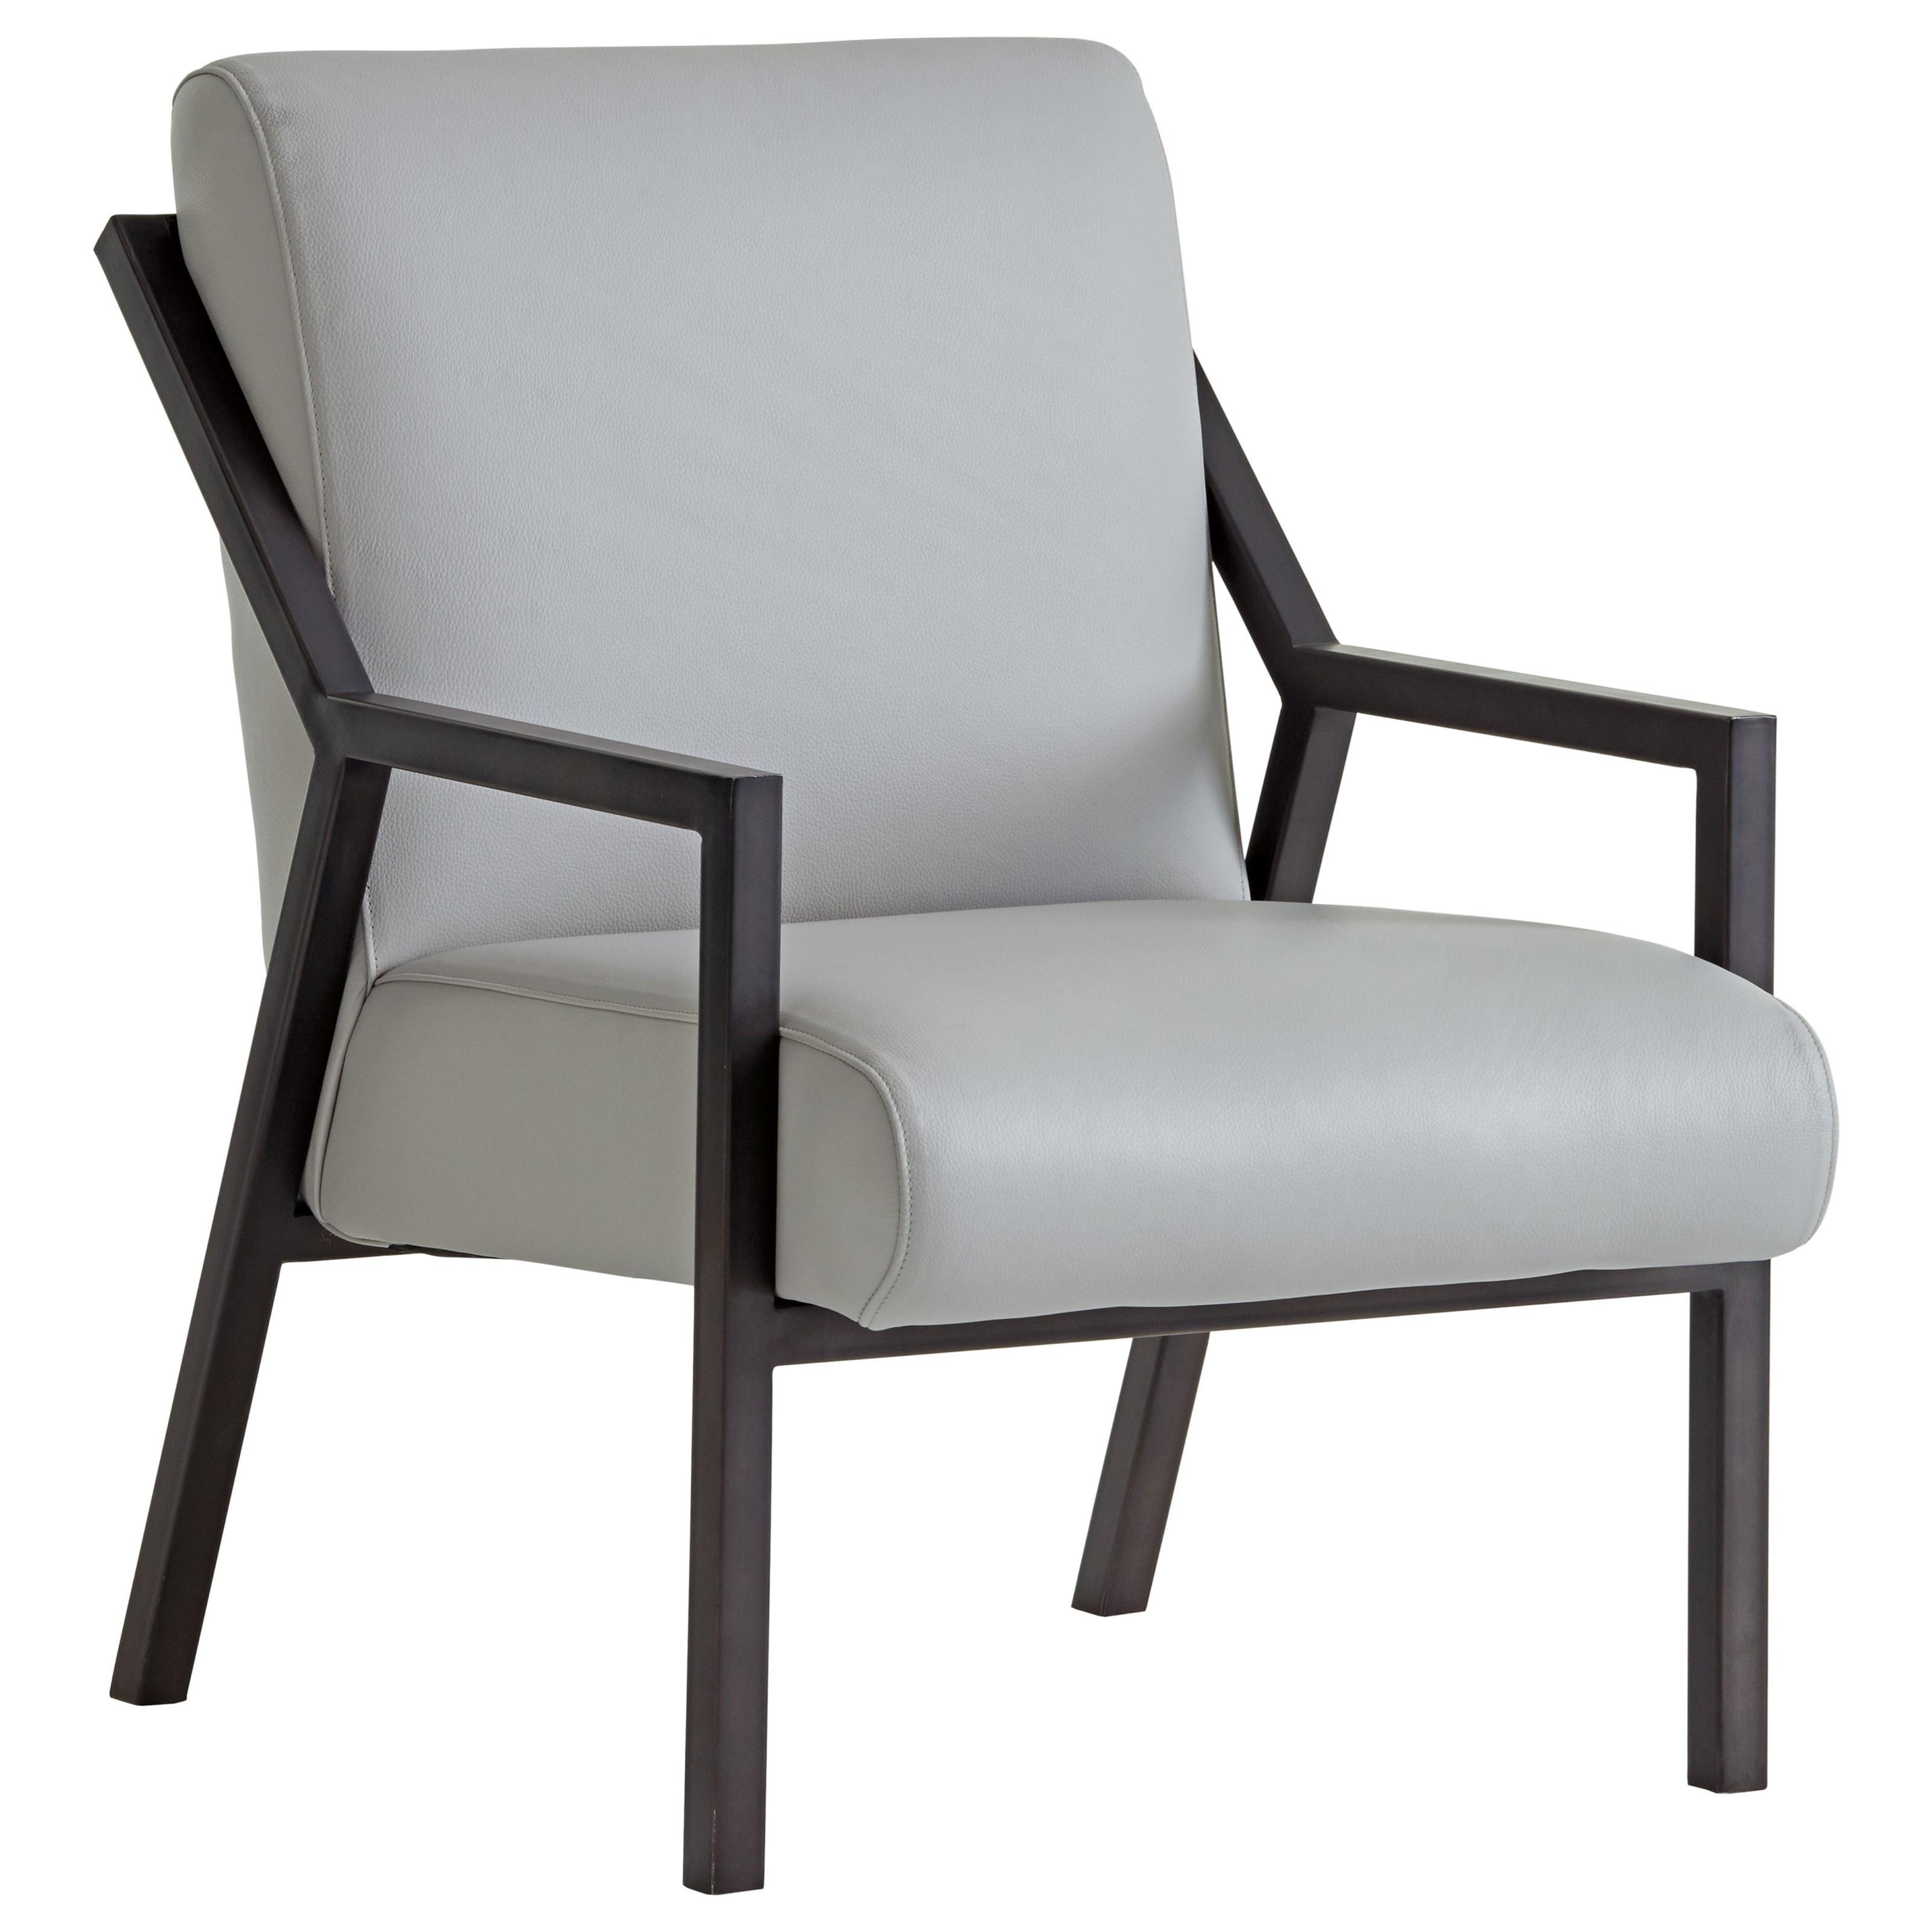 Lexington Santana 1866 11 Weldon Accent Chair With